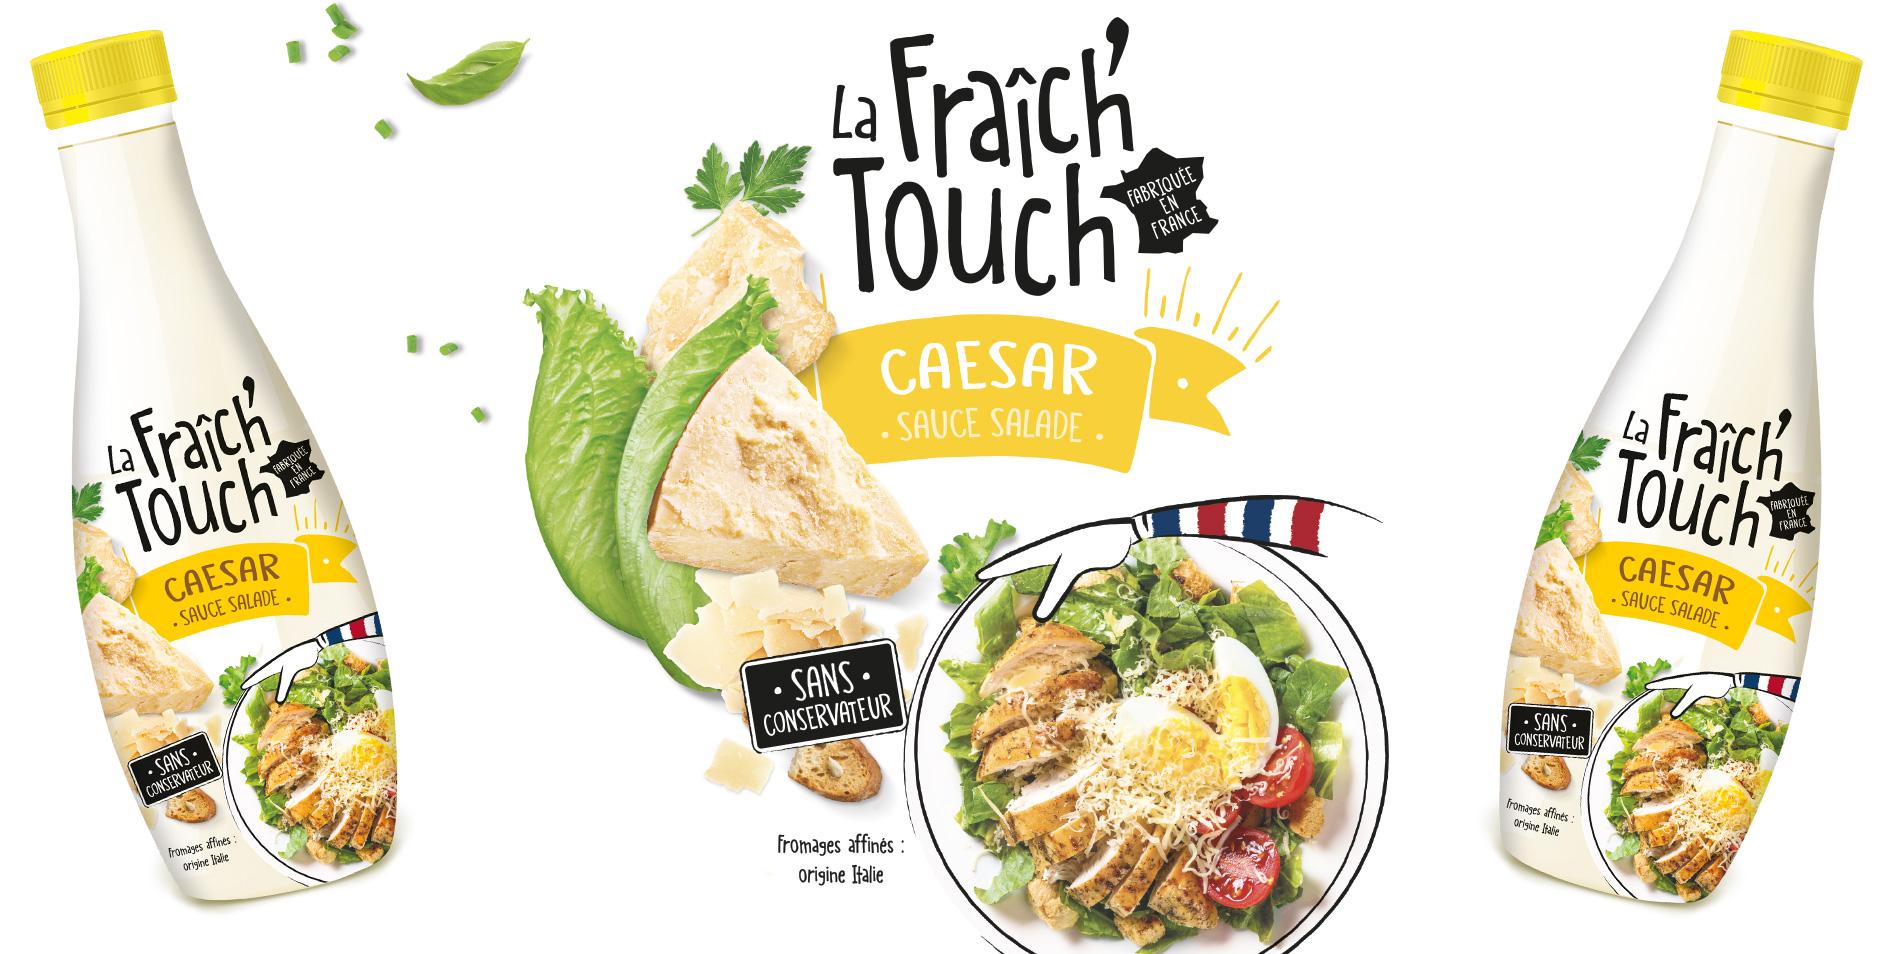 La Fraich'Touch sauce caesar